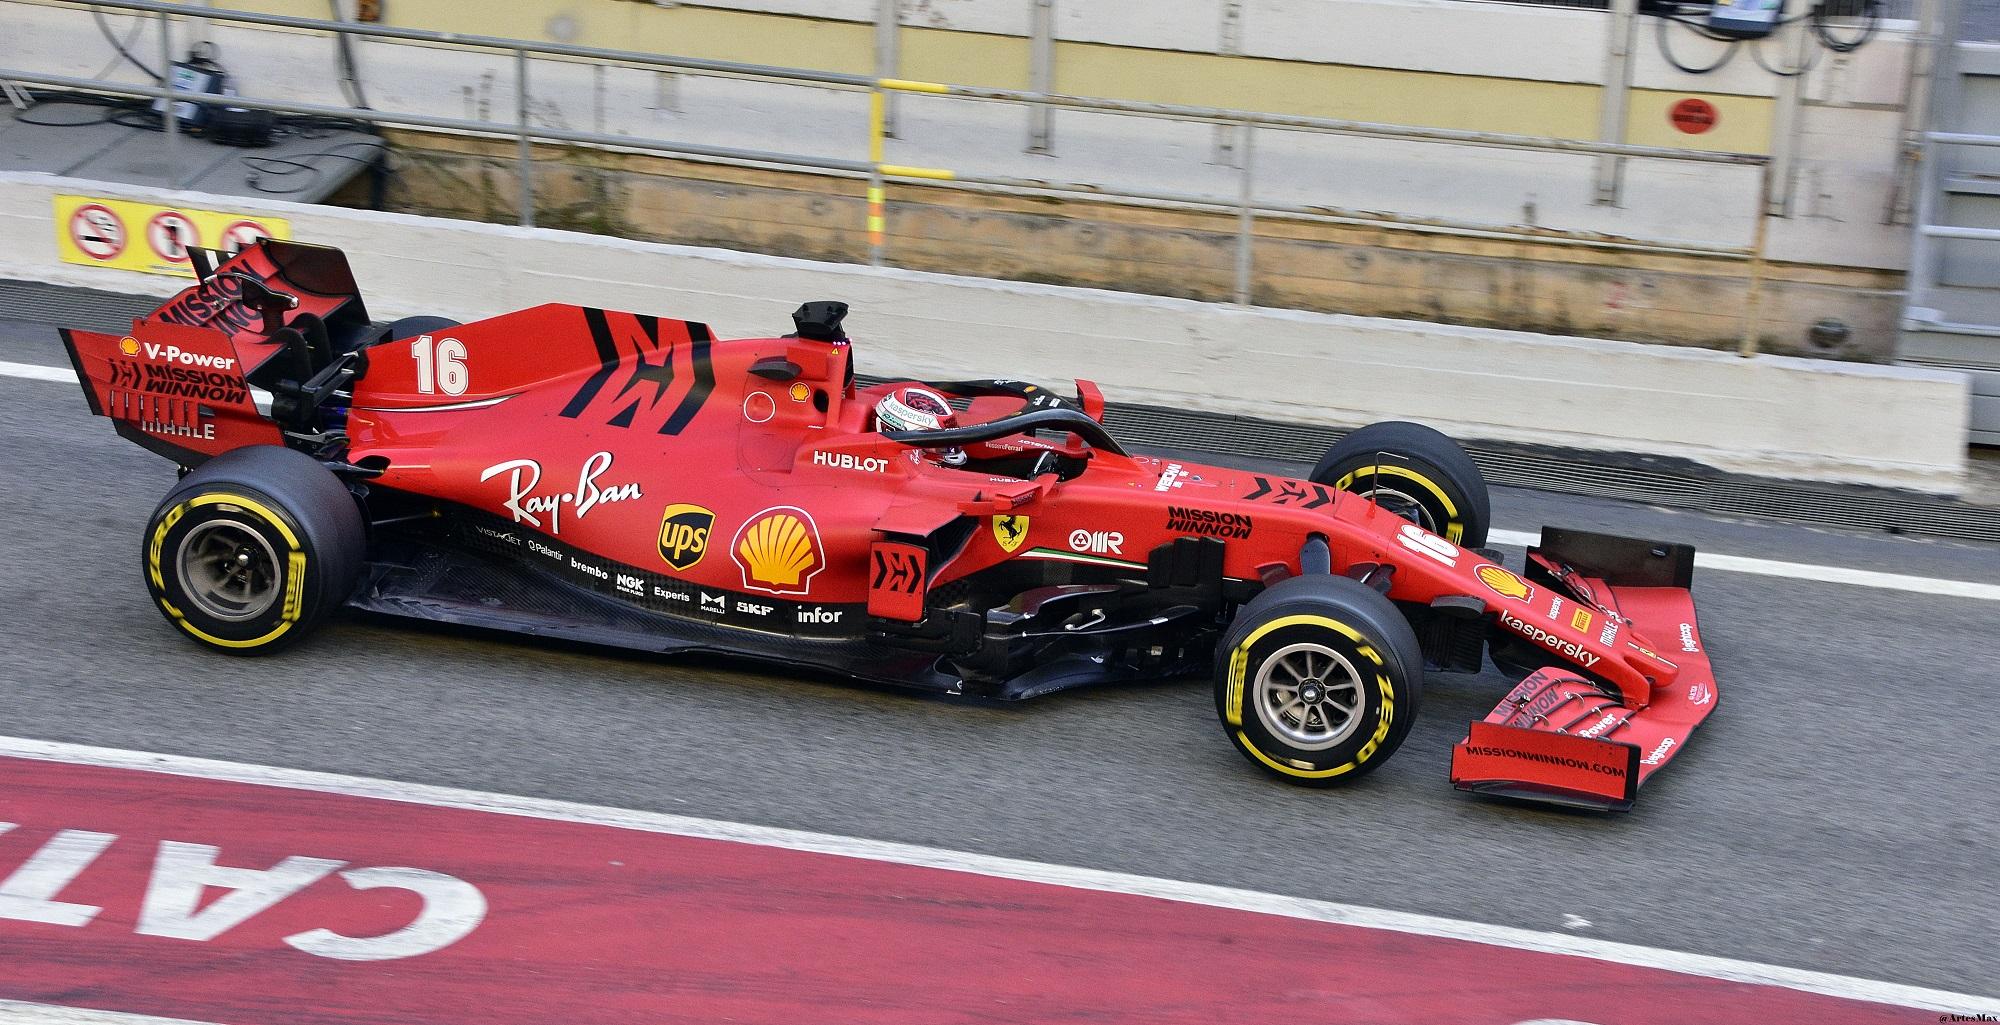 2020 Scuderia Ferrari 一級方程式的賽車SF1000